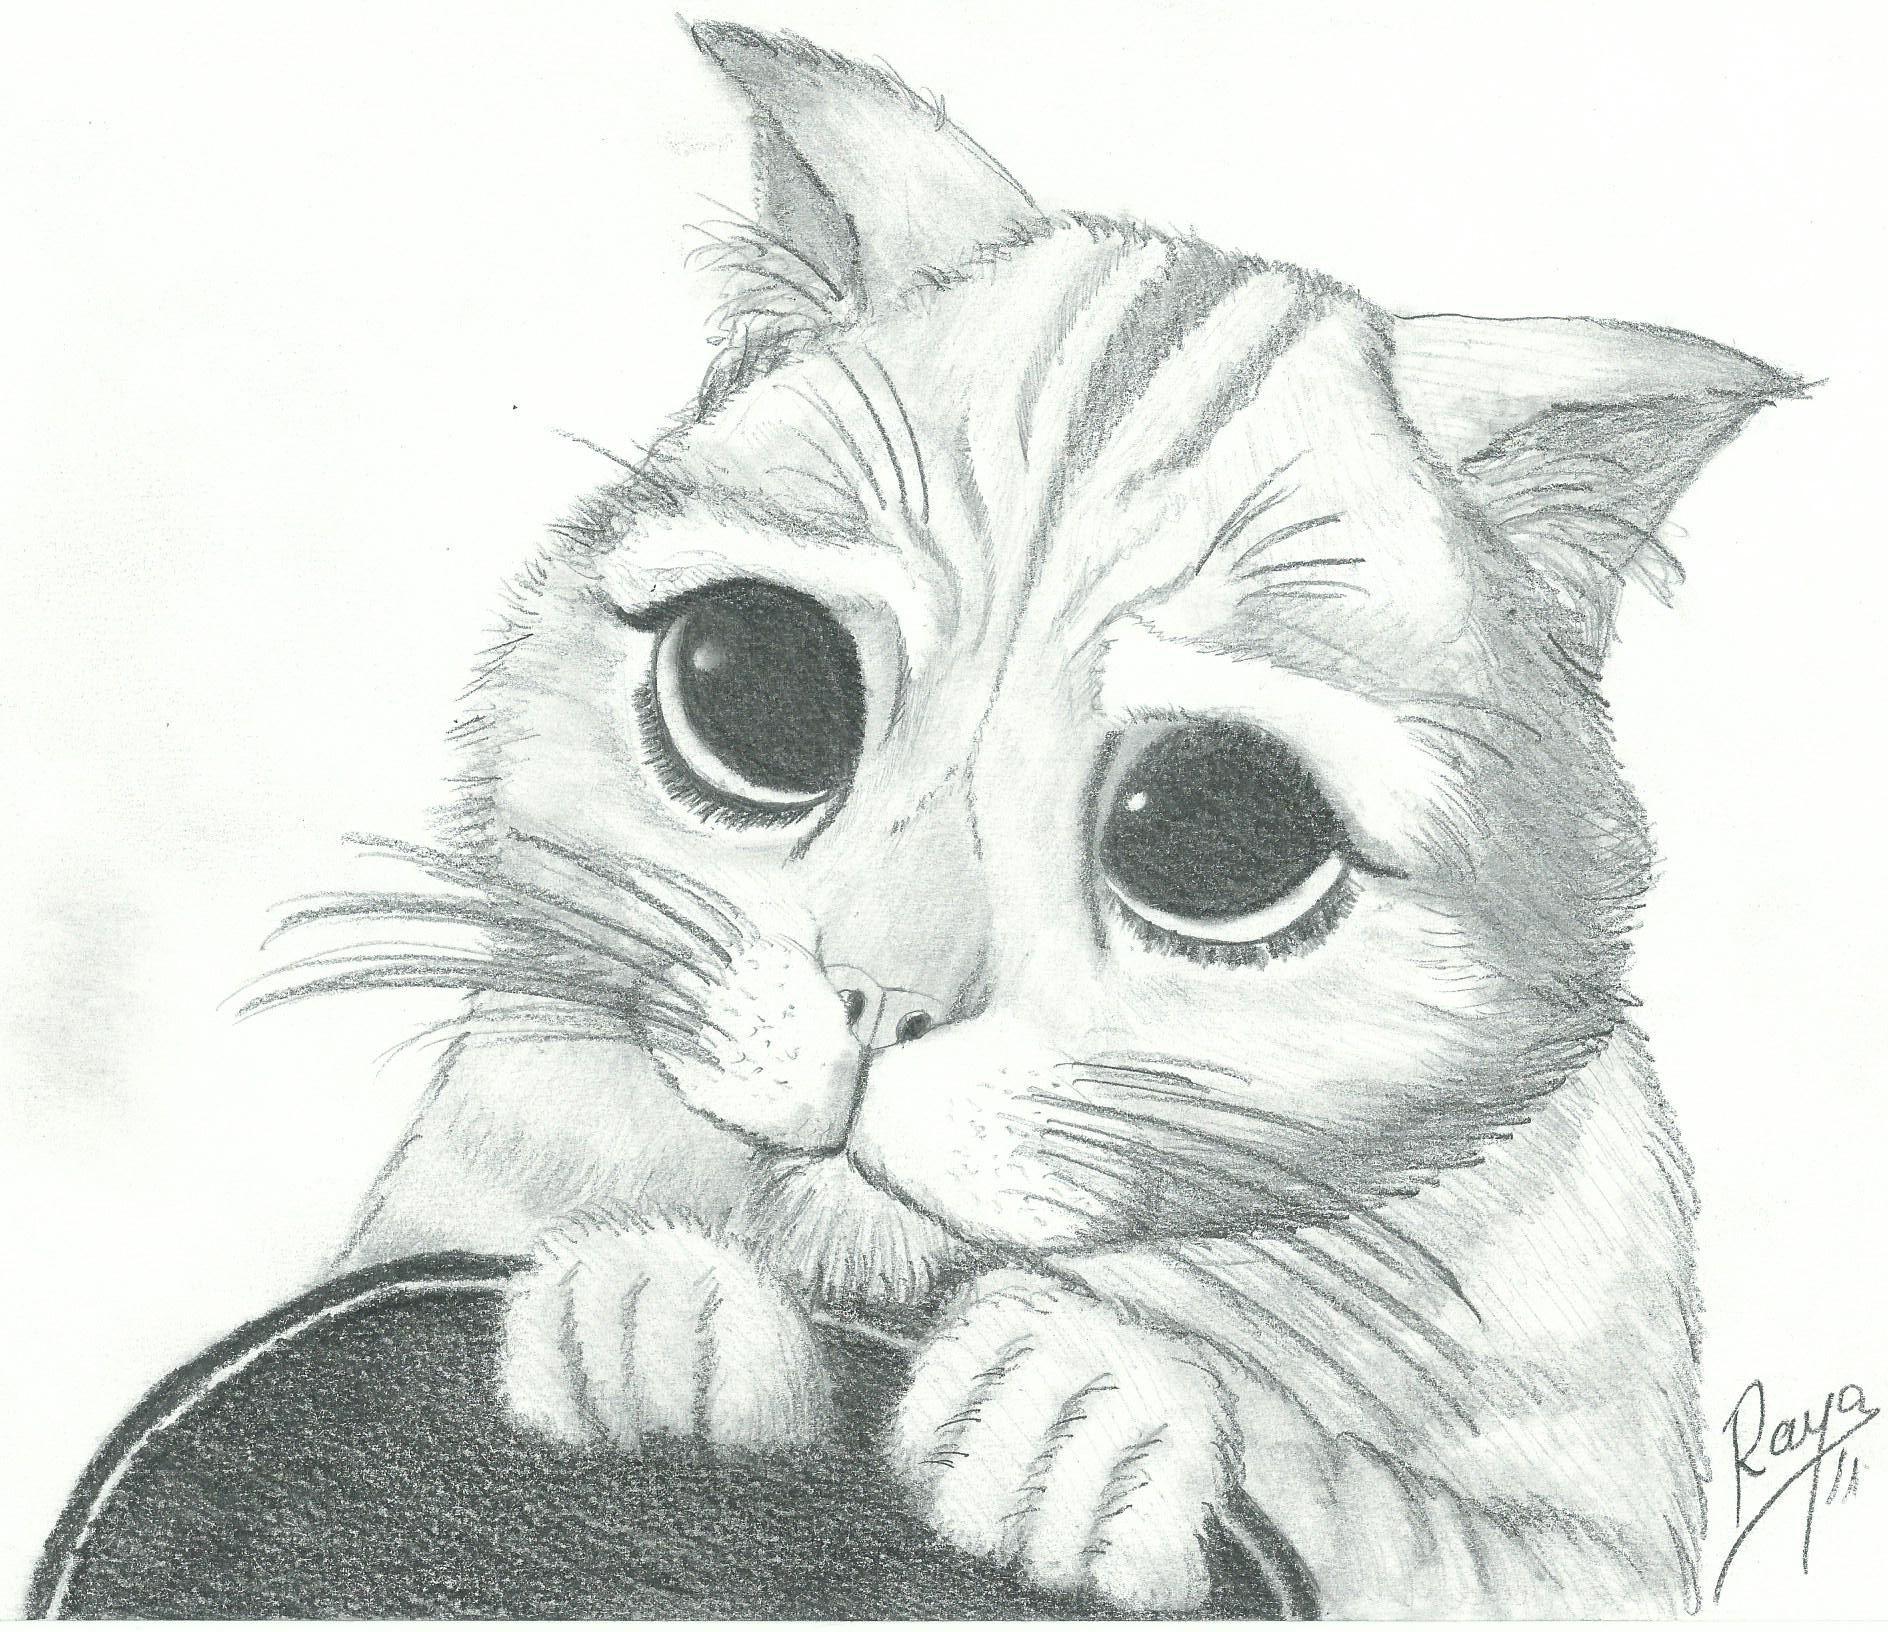 El Gato Con Botas Dibujos De Gatos Dibujos De Animales Tiernos Gato Con Botas